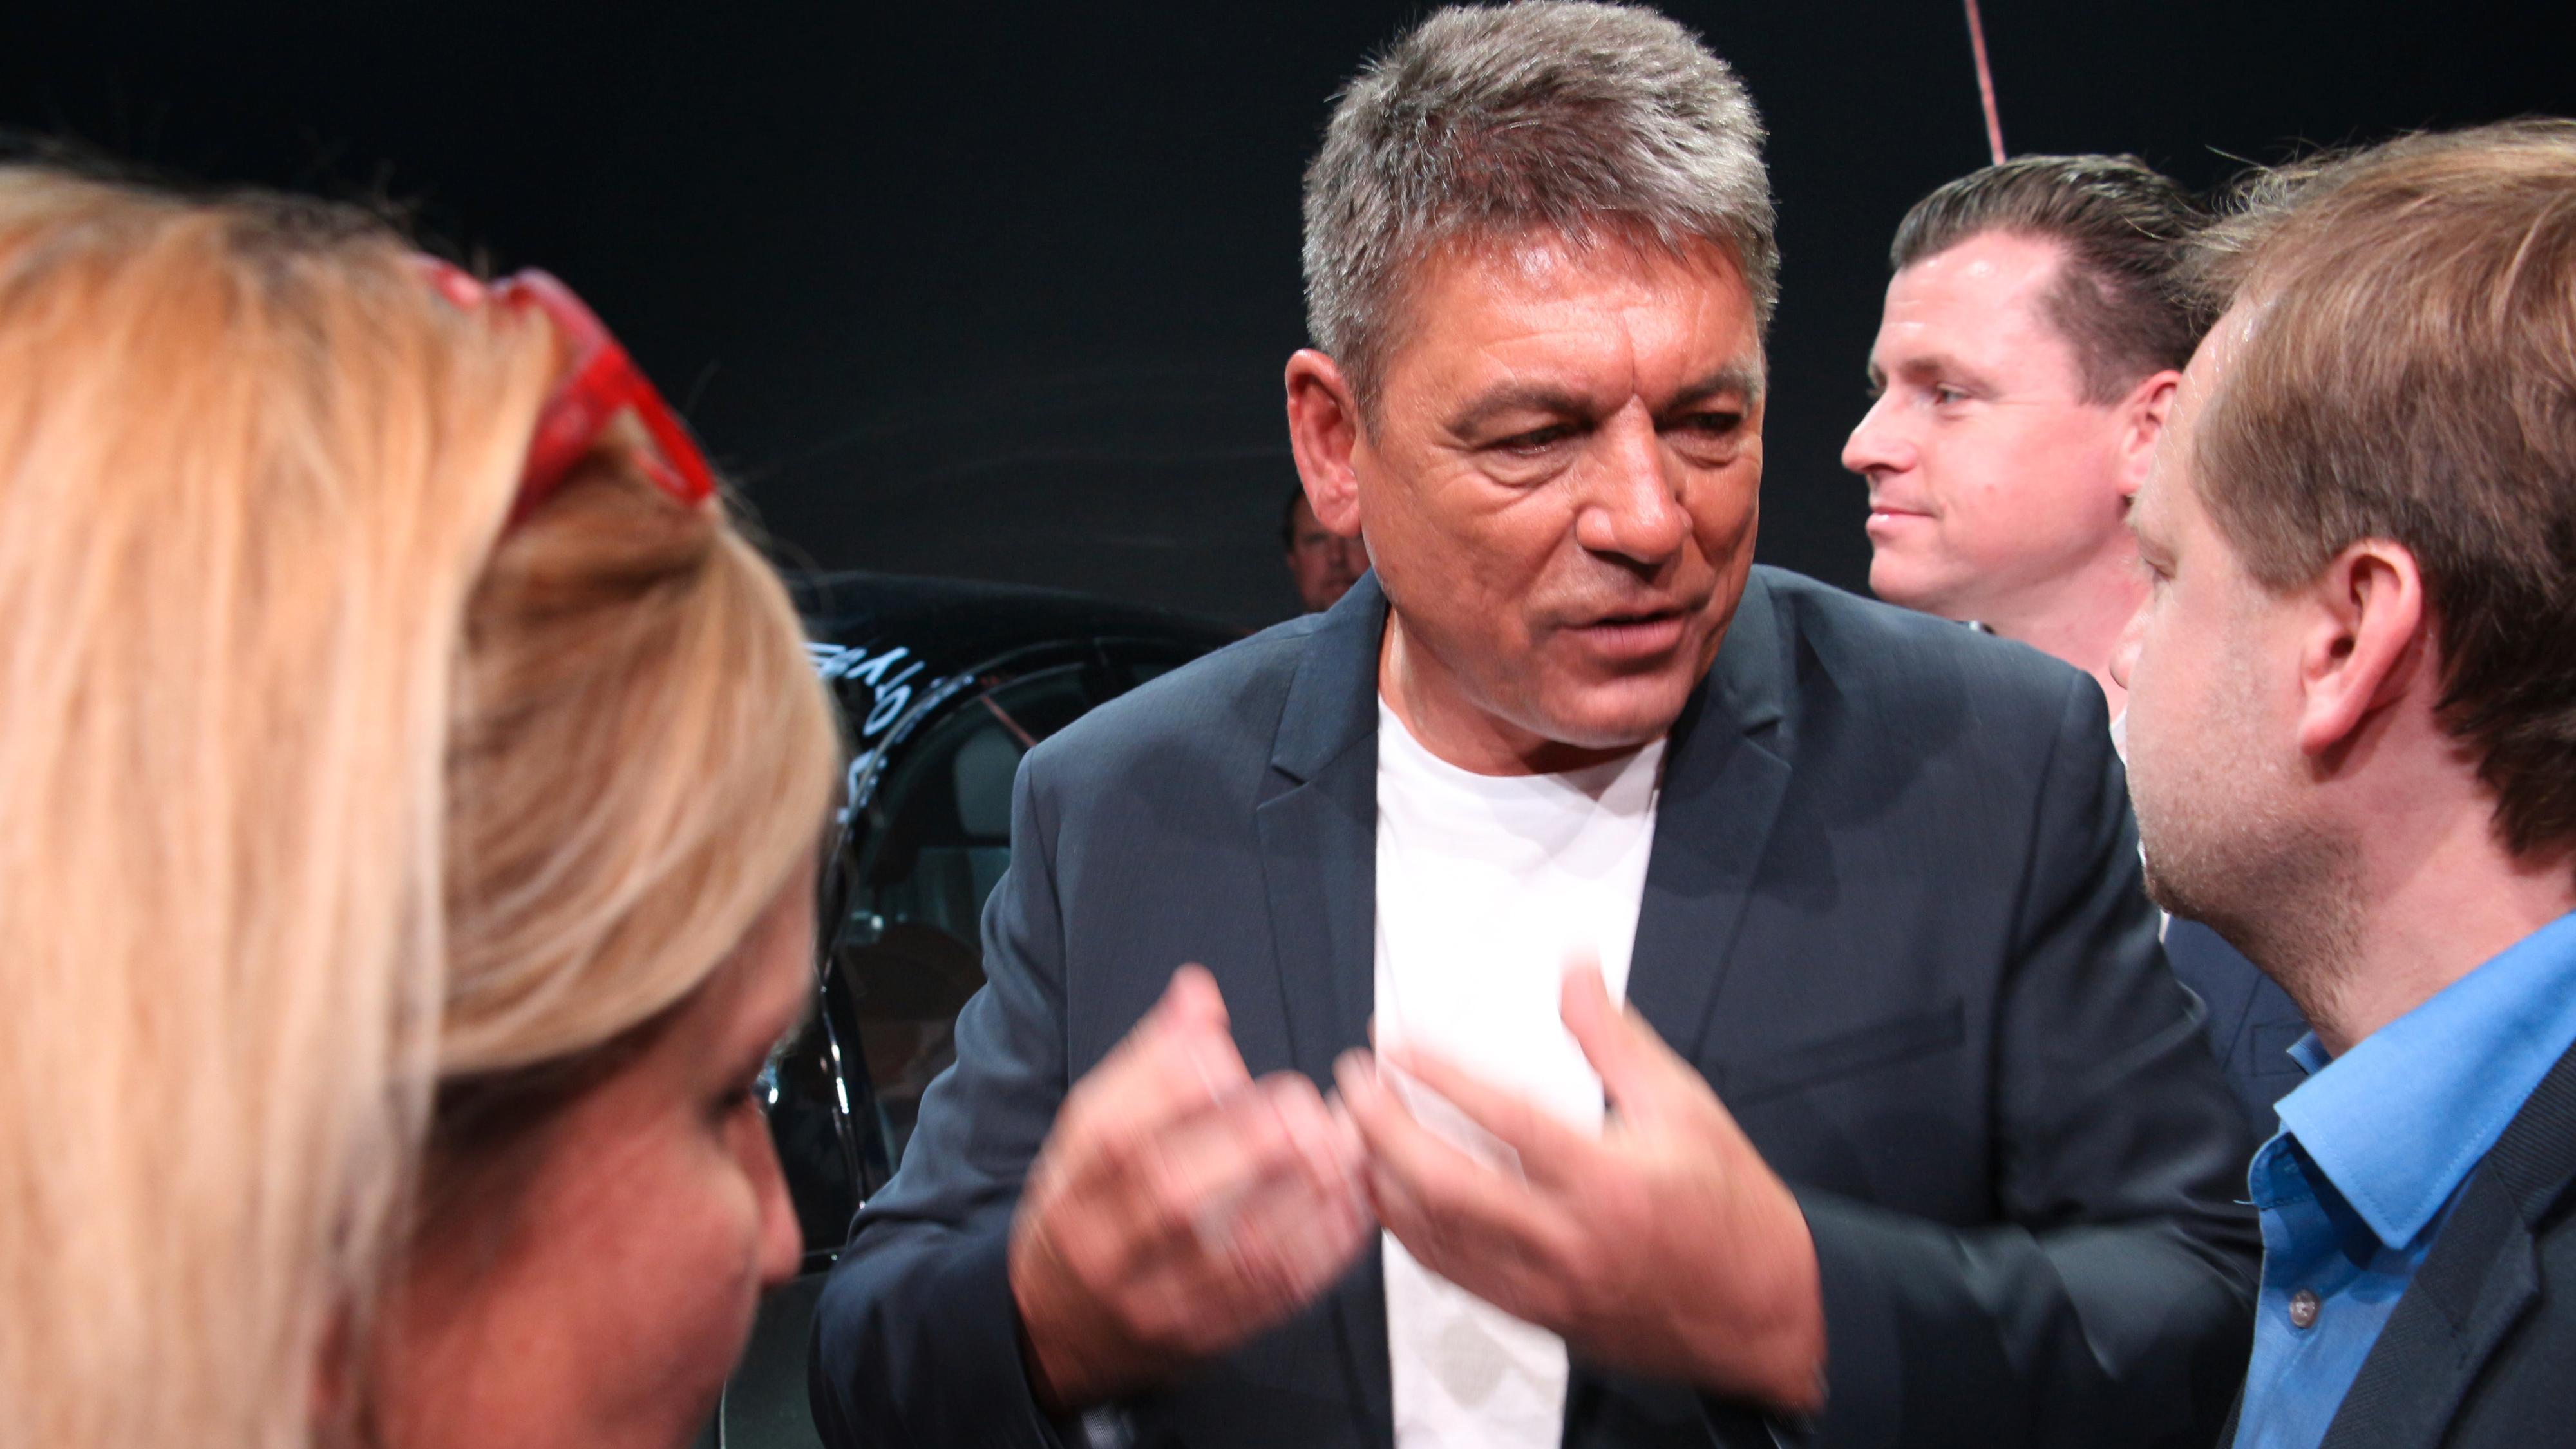 Grunnlegger og toppsjef Carsten Breitfeld var tidligere prosjektleder for plugin-hybriden BMW i8. Bilde: Stein Jarle Olsen, Tek.no